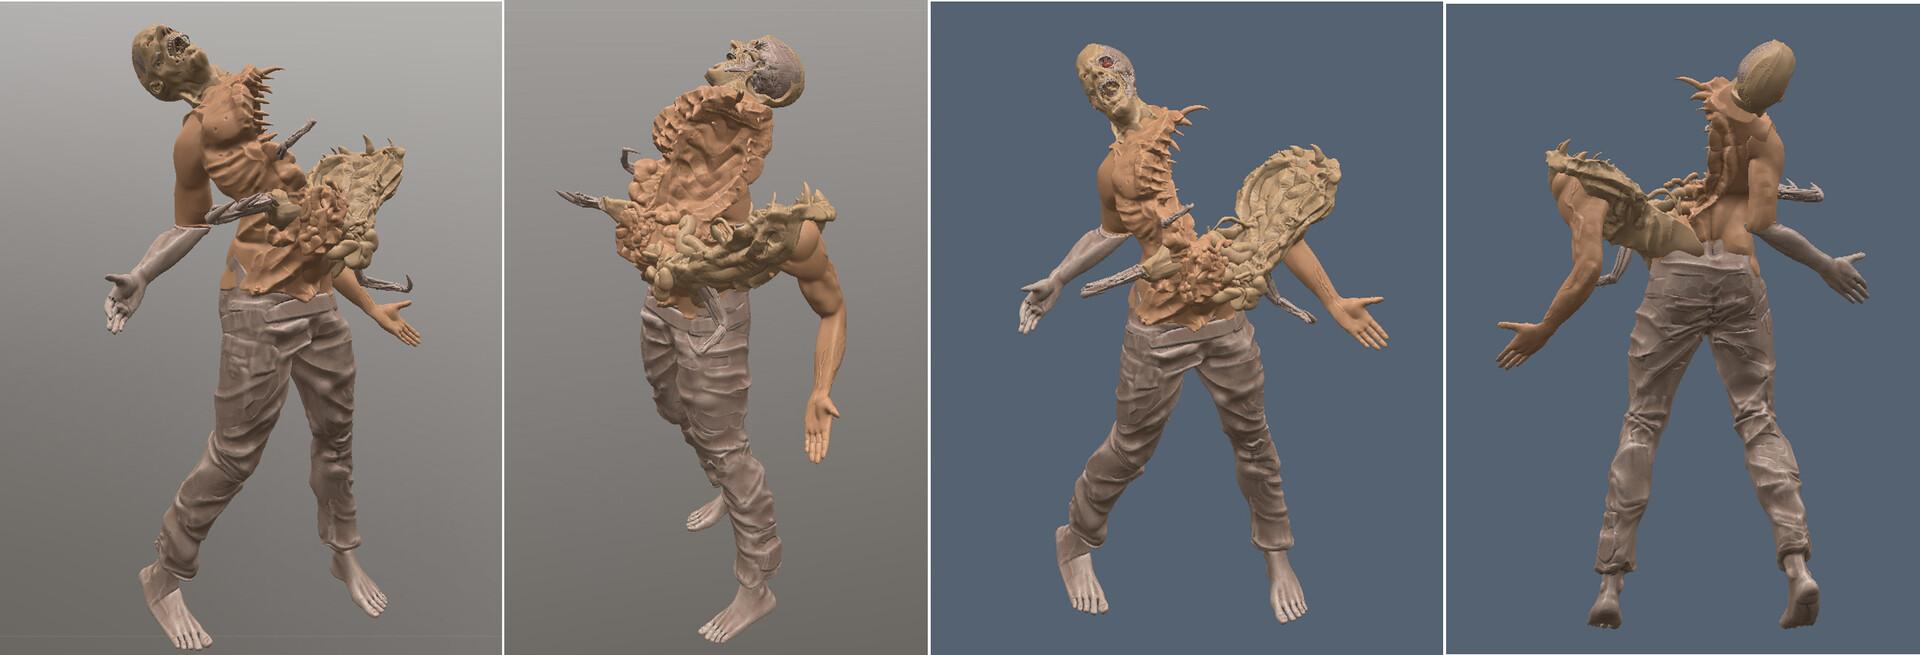 Pierre santamaria model copy